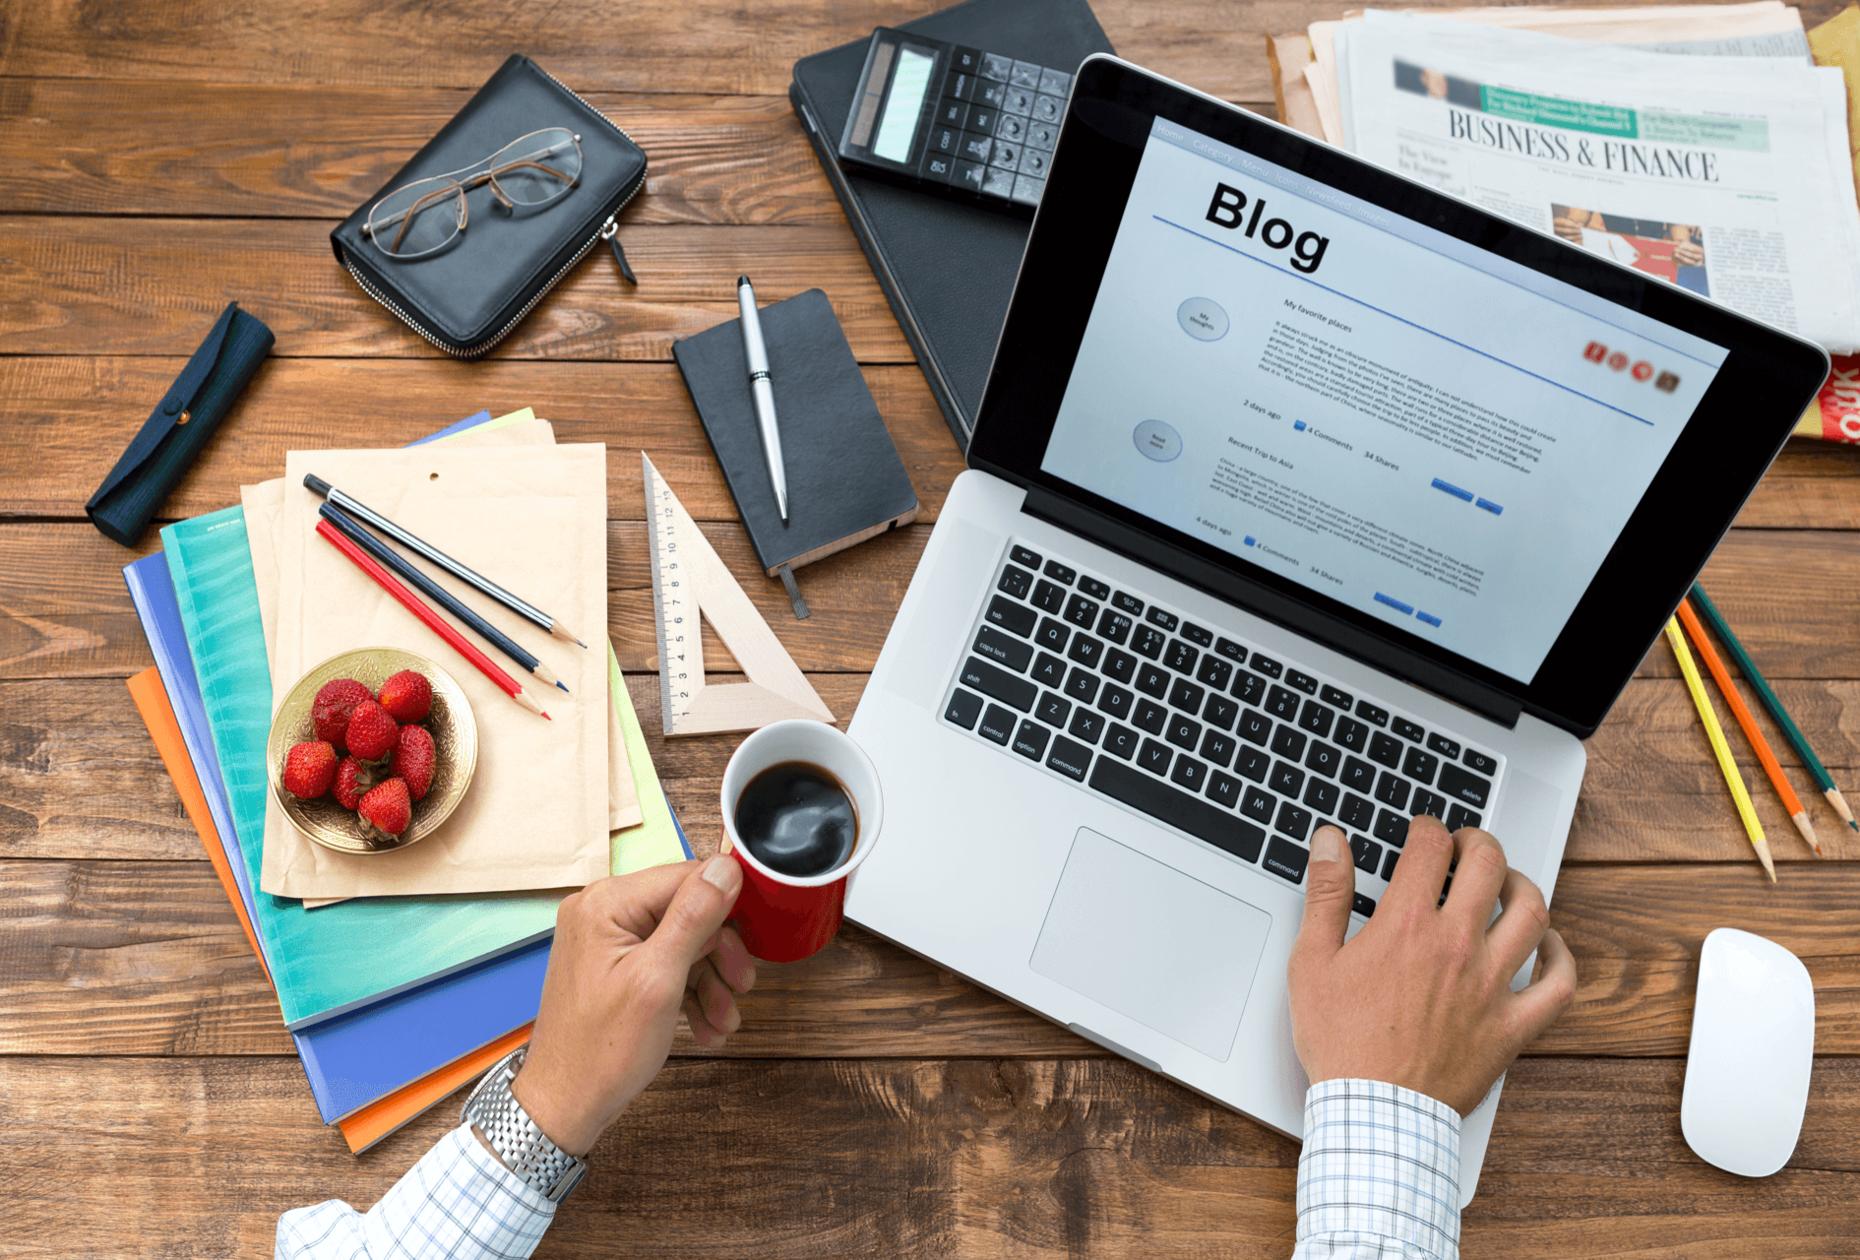 【初心者向け】WordPressでCSSをカスタマイズする2つの簡単な方法